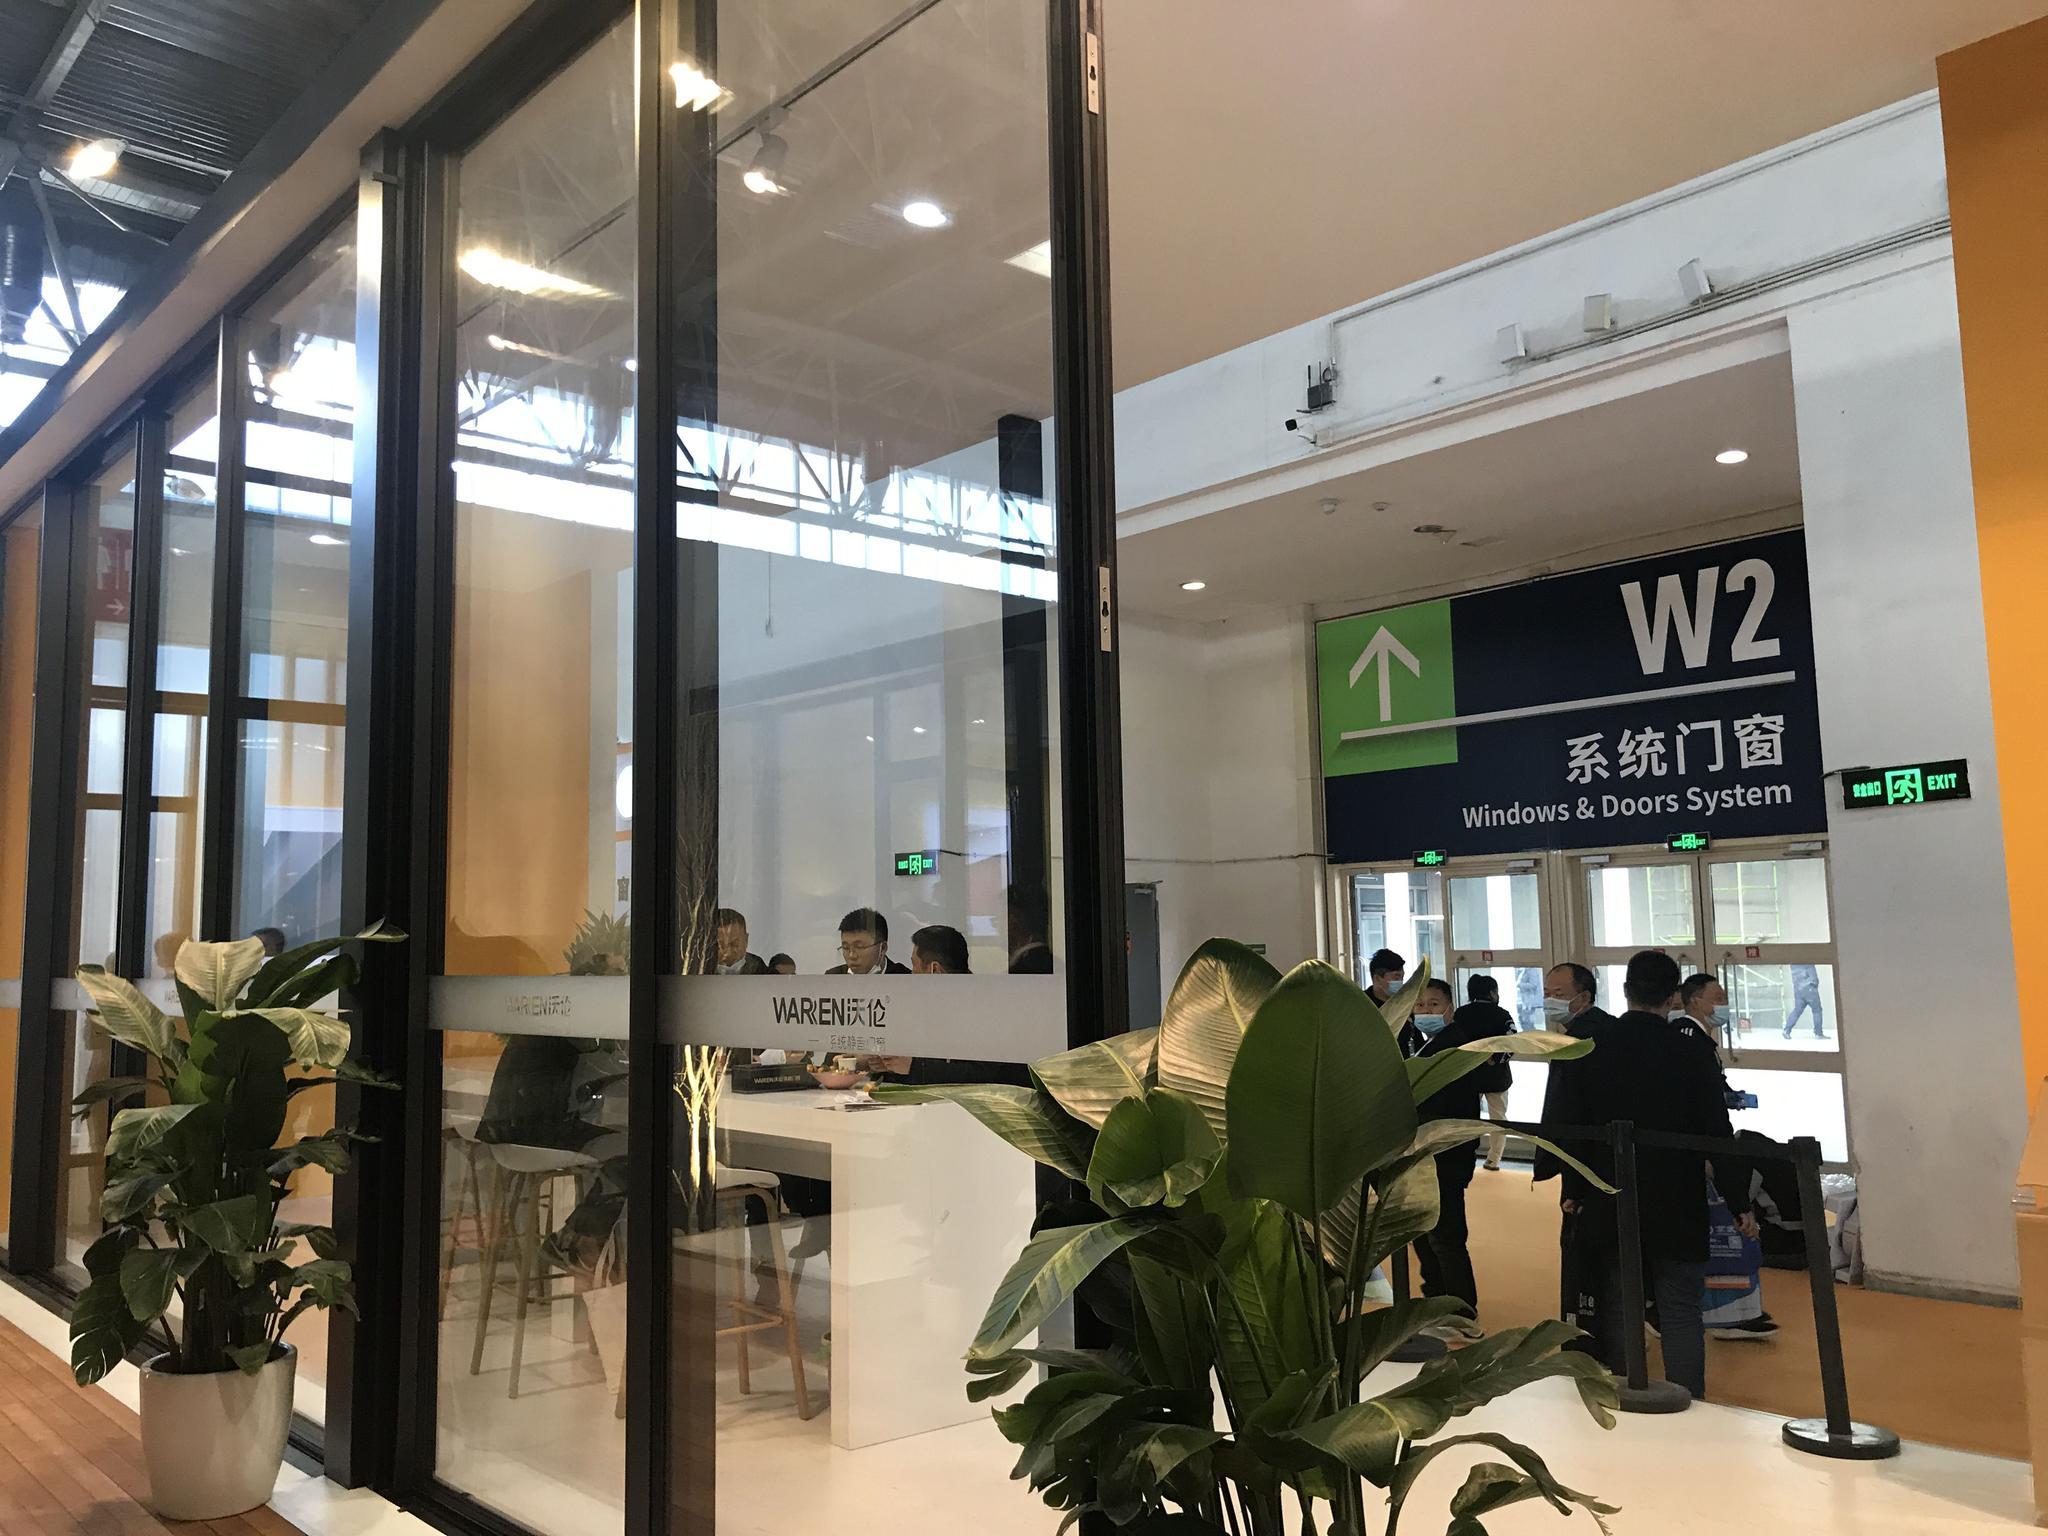 中国国际门窗幕墙博览会开幕,节能、智能或成未来趋势图片